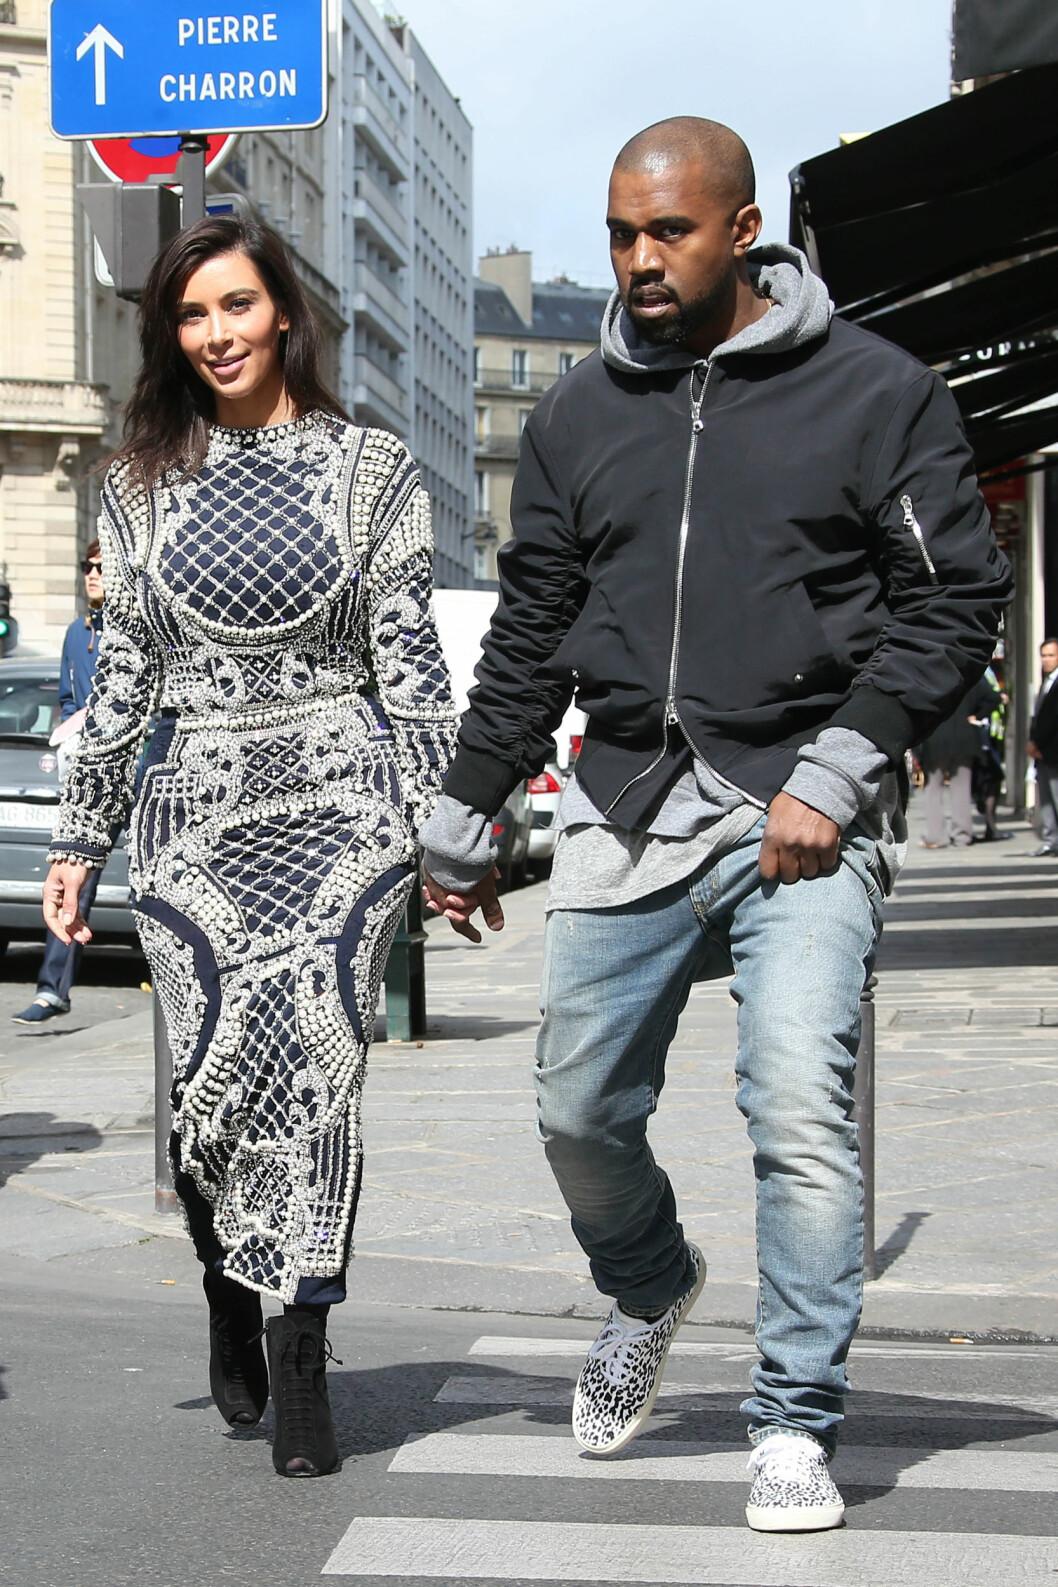 PLANLEGGER BRYLLUP: 24. mai gifter Kim og Kanye seg i Paris. Vogue beskriver dem som «verdens mest omtalte par». Foto: Stella Pictures